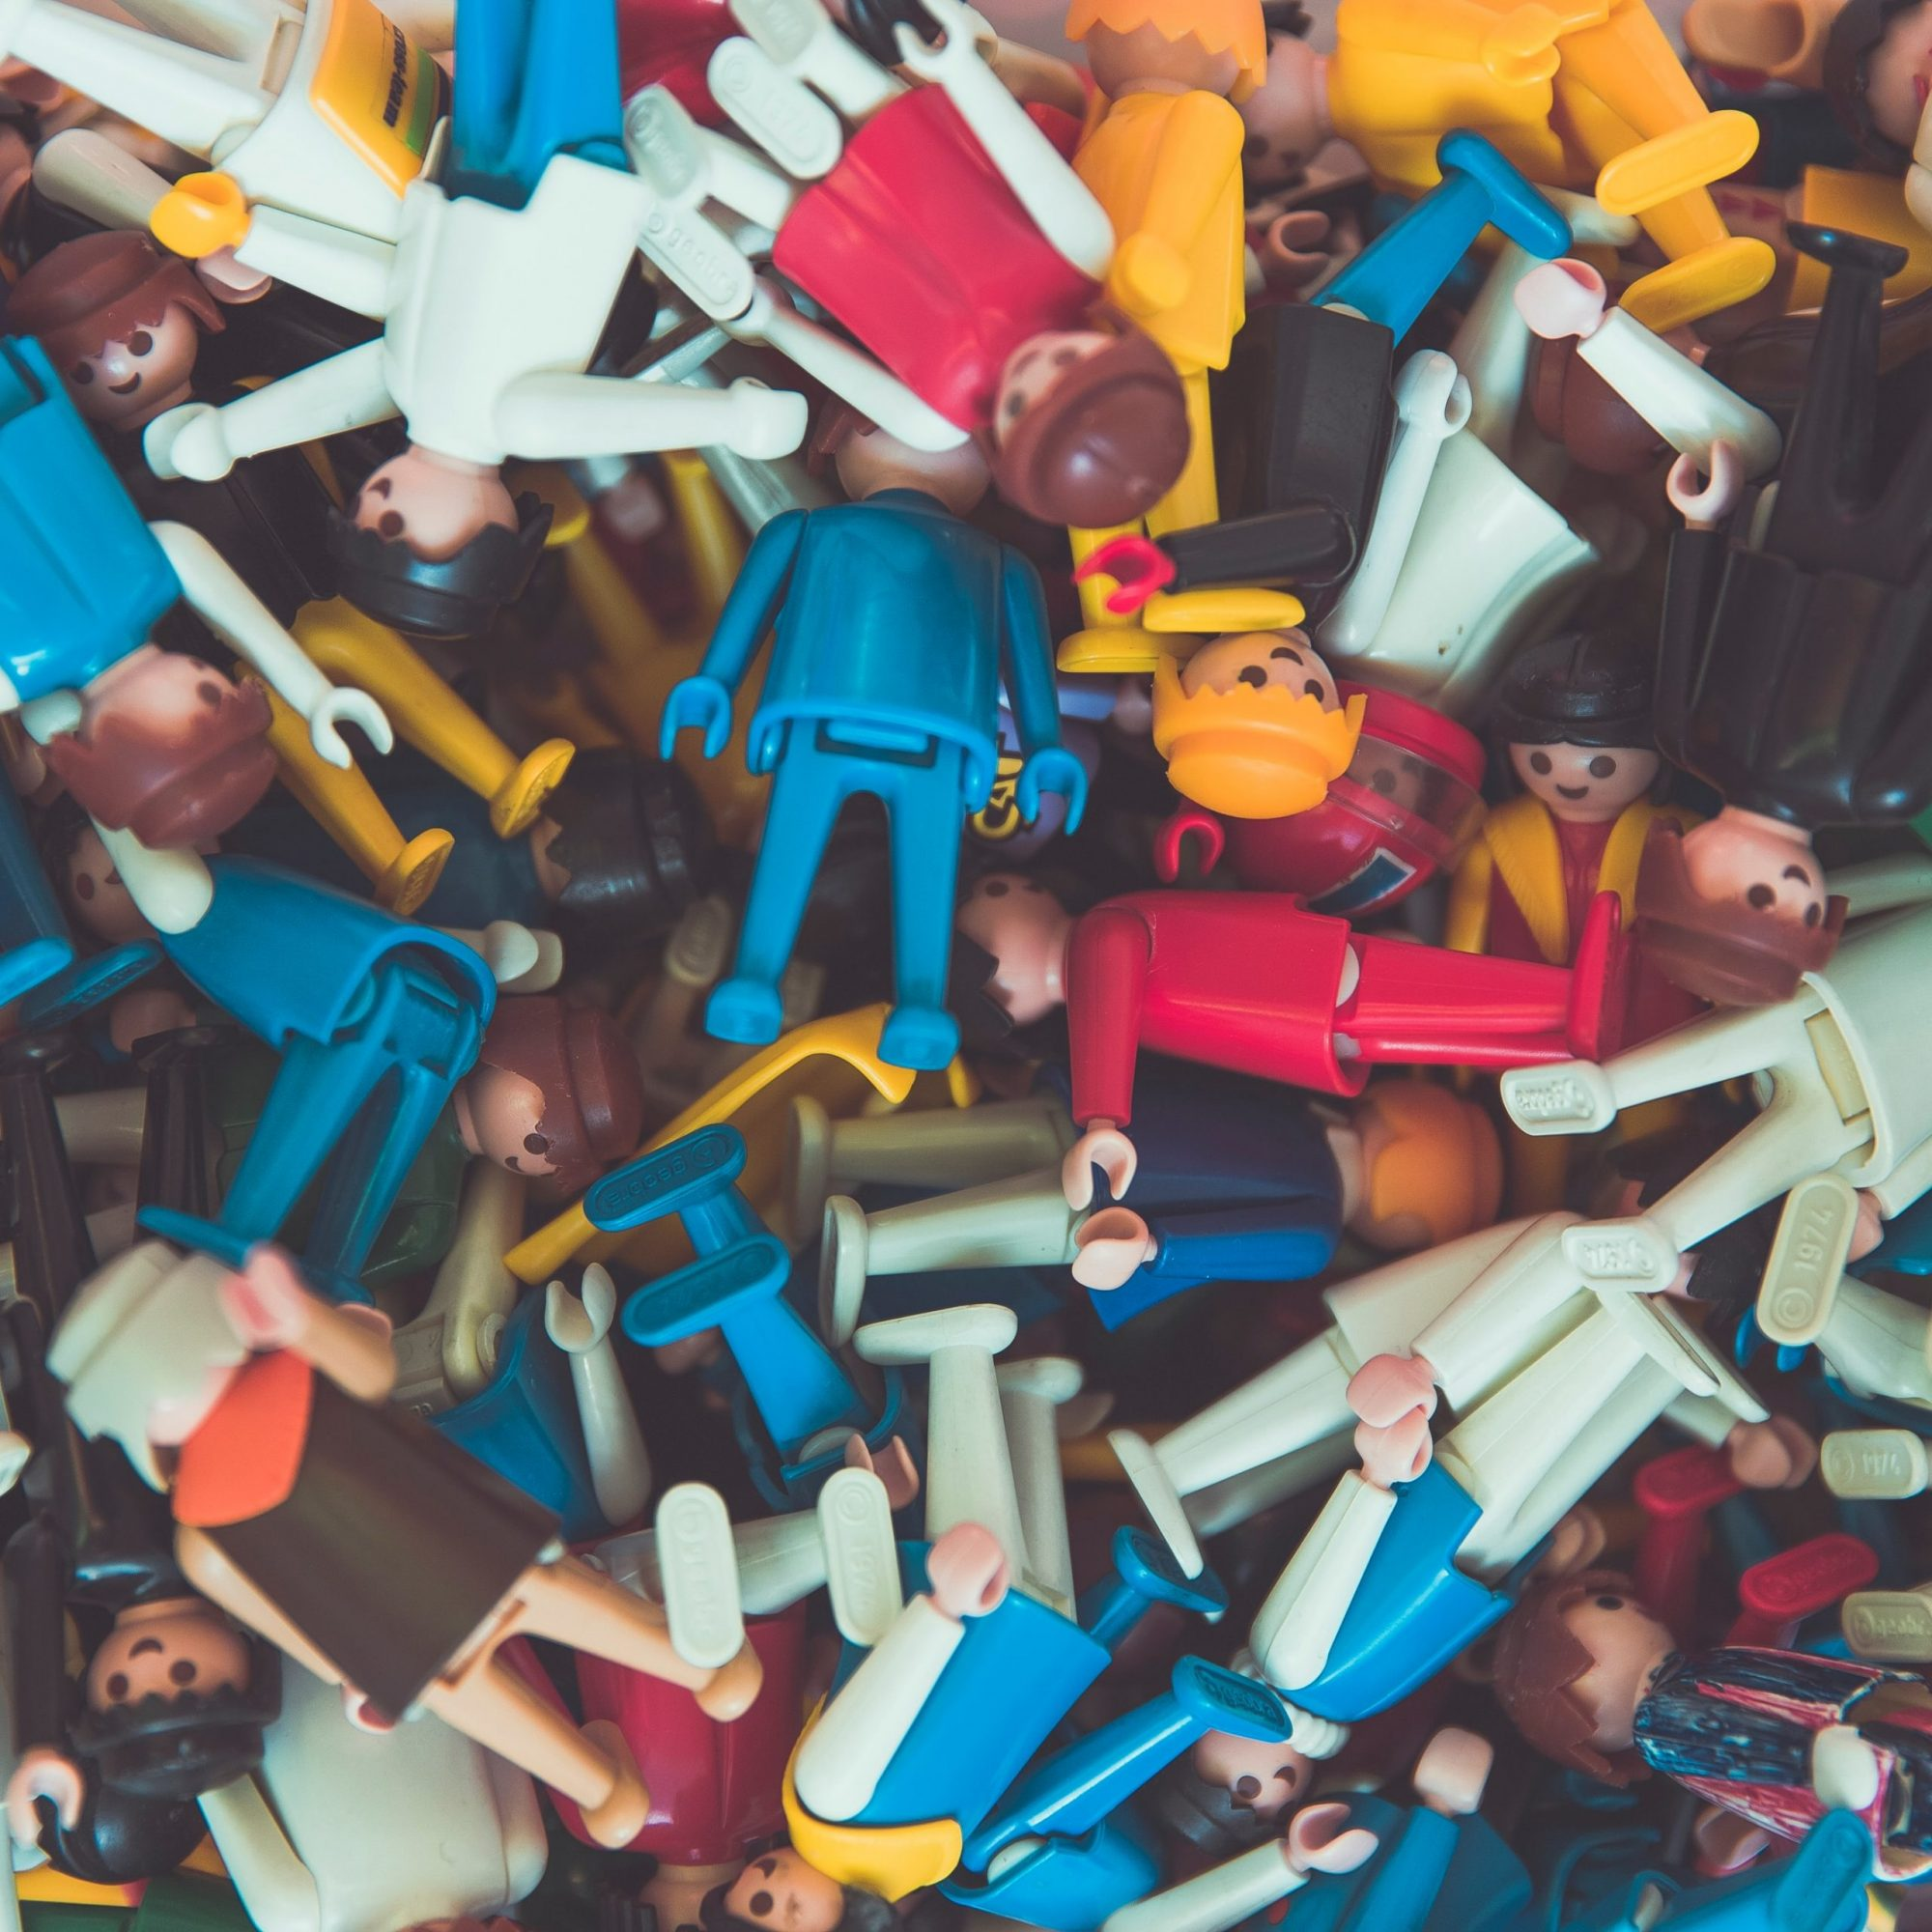 Ruotsalaiset asiantuntijat kehottavat: Lasten ei ole nyt hyvä leikkiä toistensa kodeissa